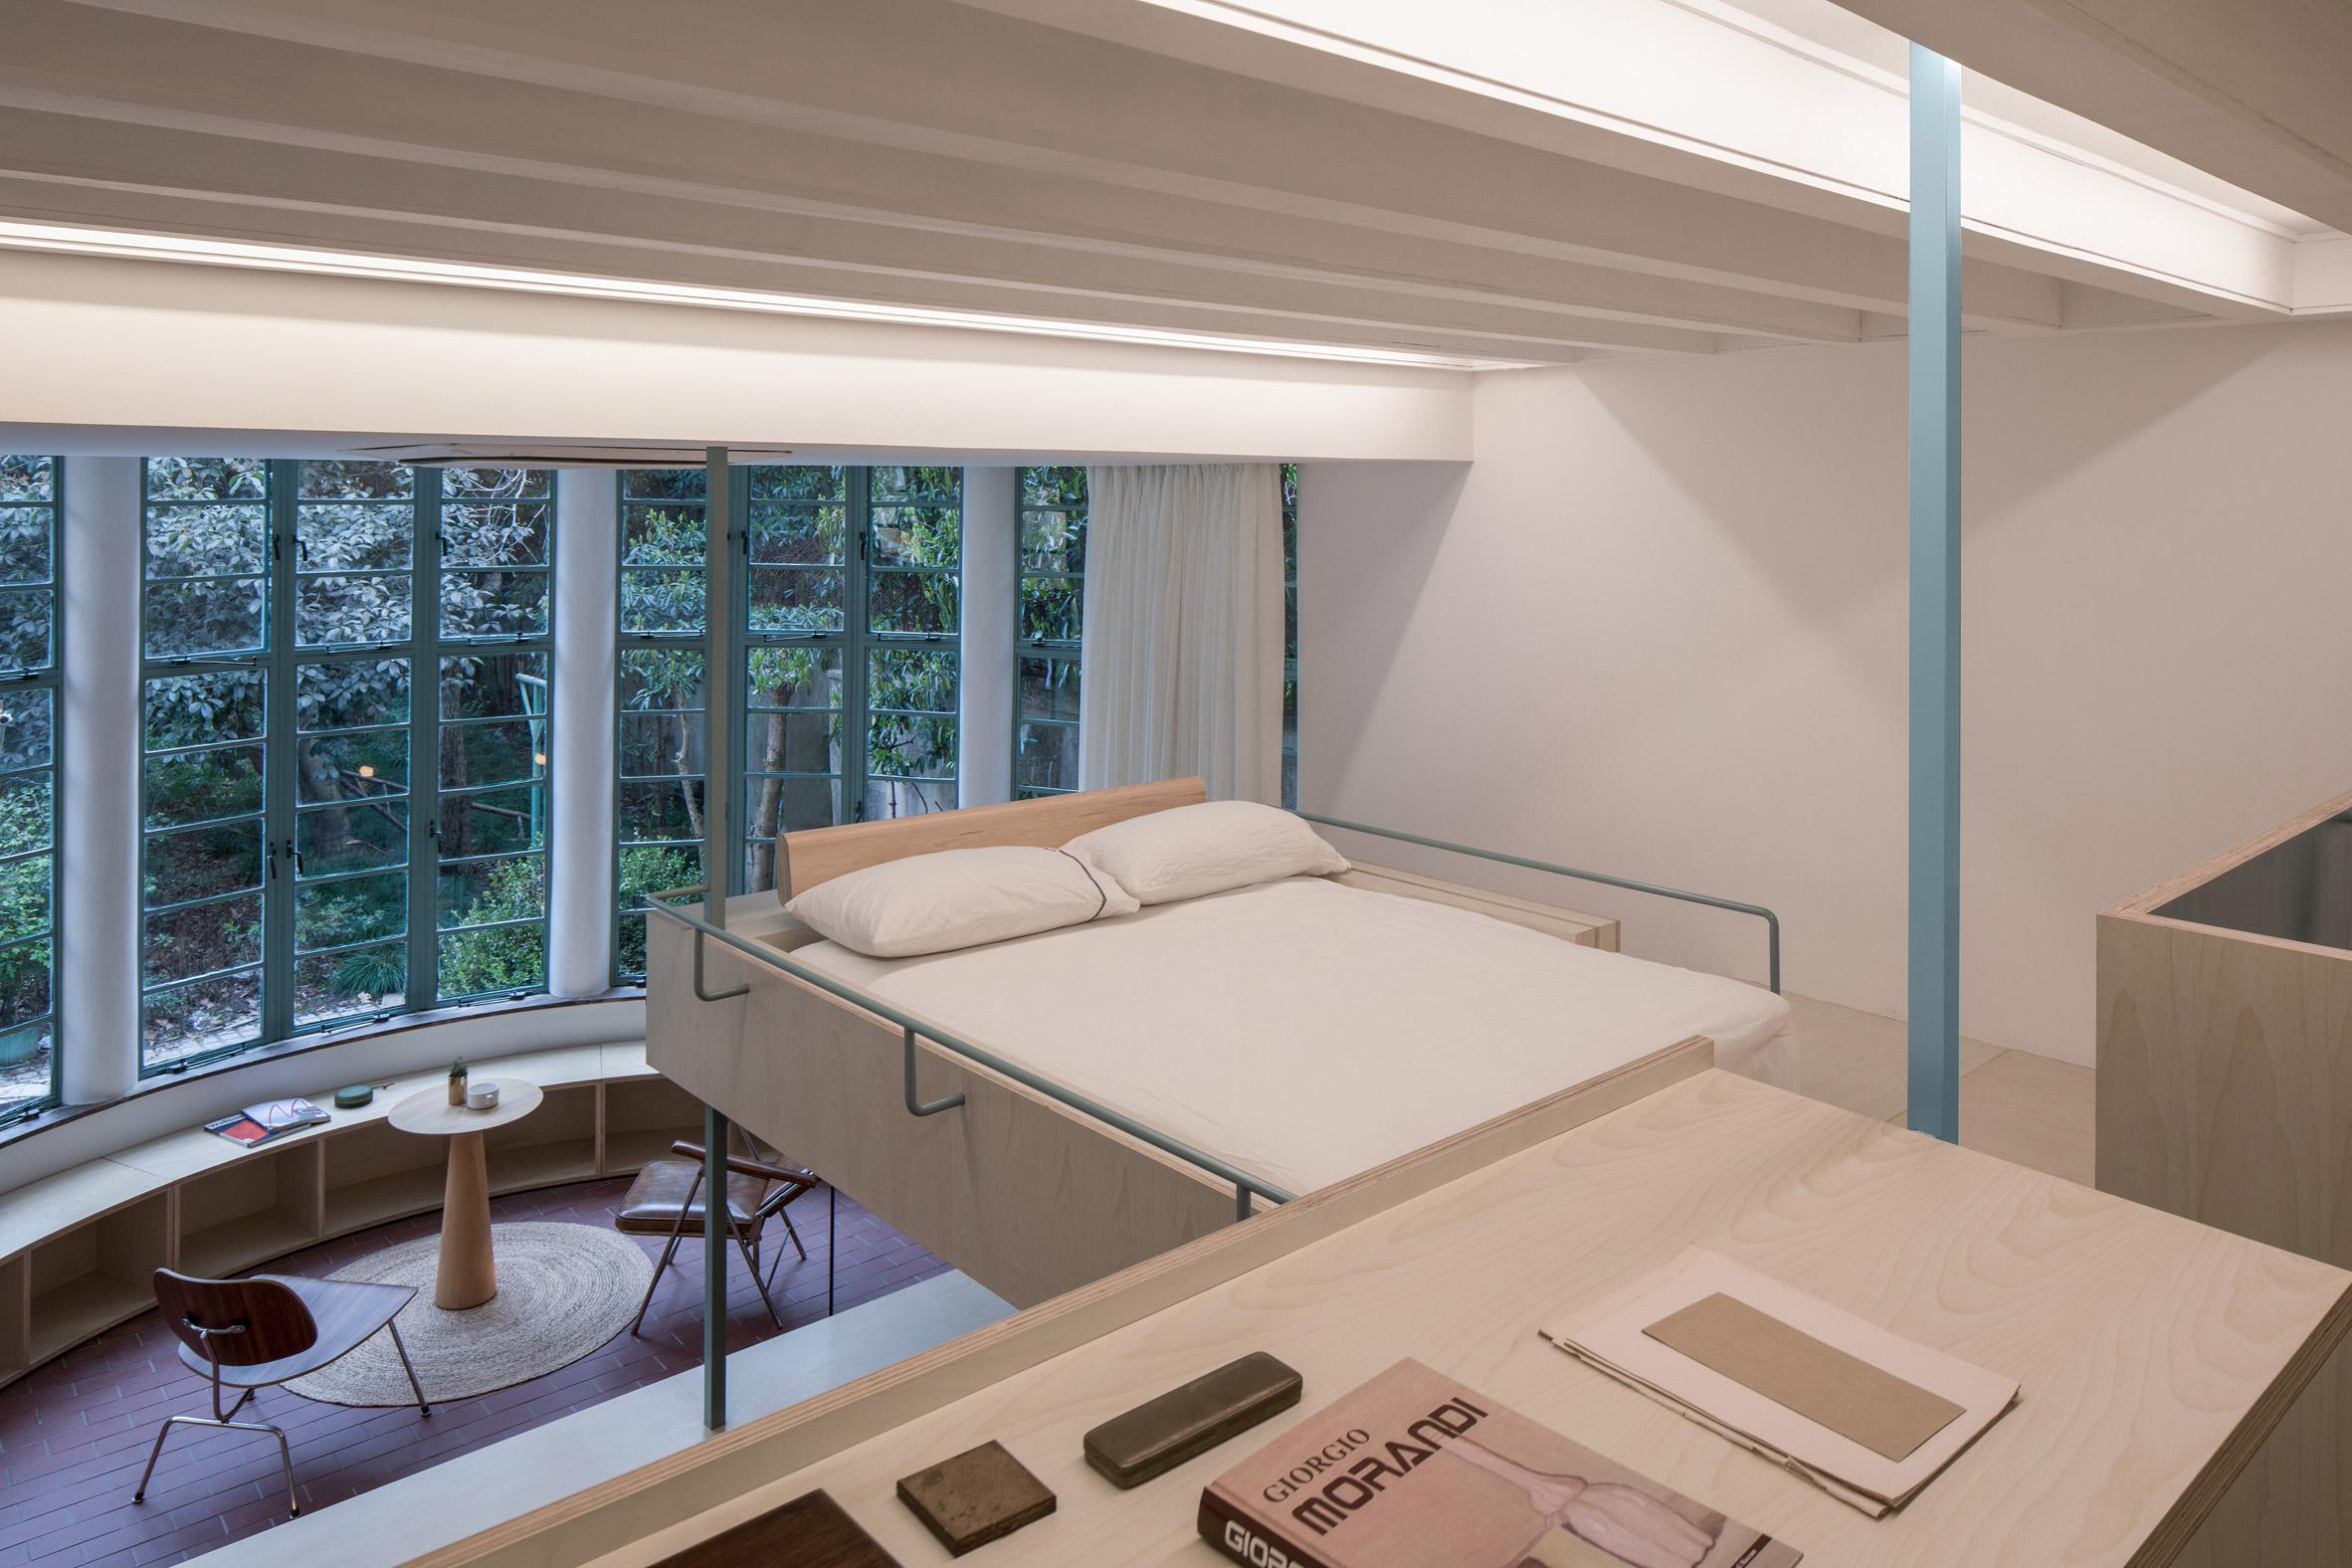 U-shape Room by Atelier Tao+C